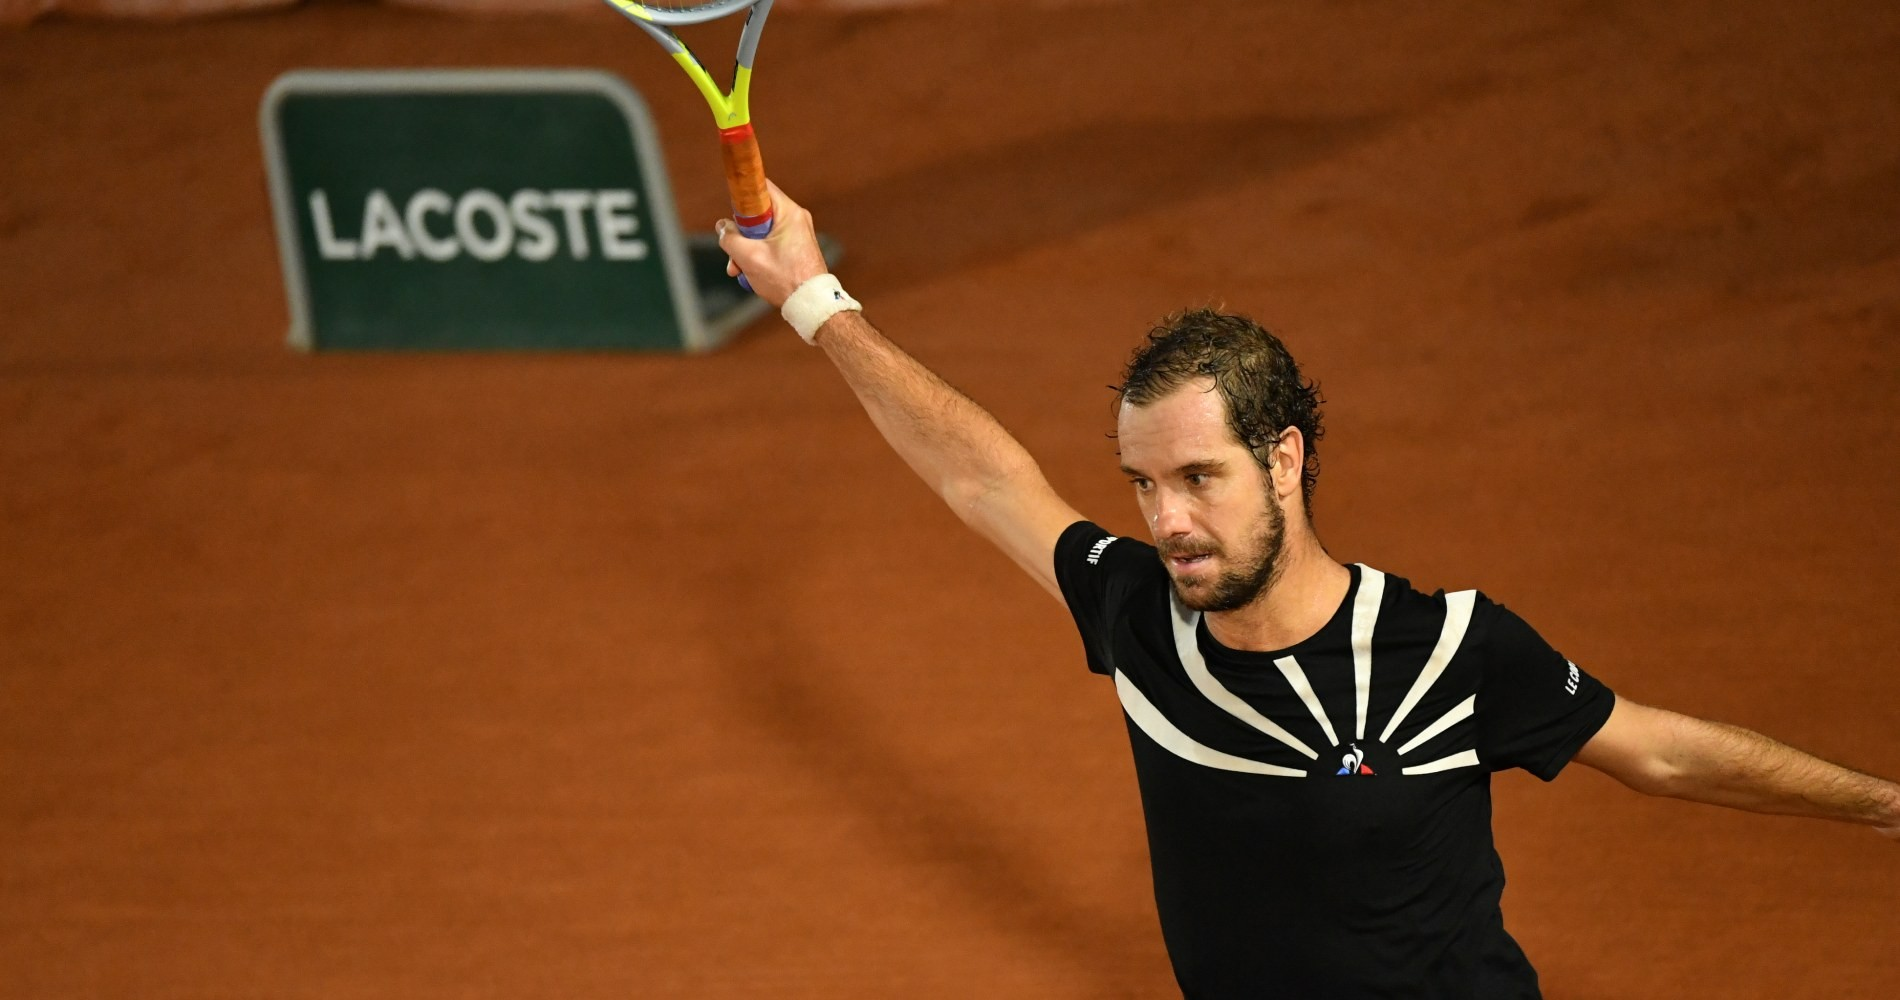 Gasquet Roland Garros 2020